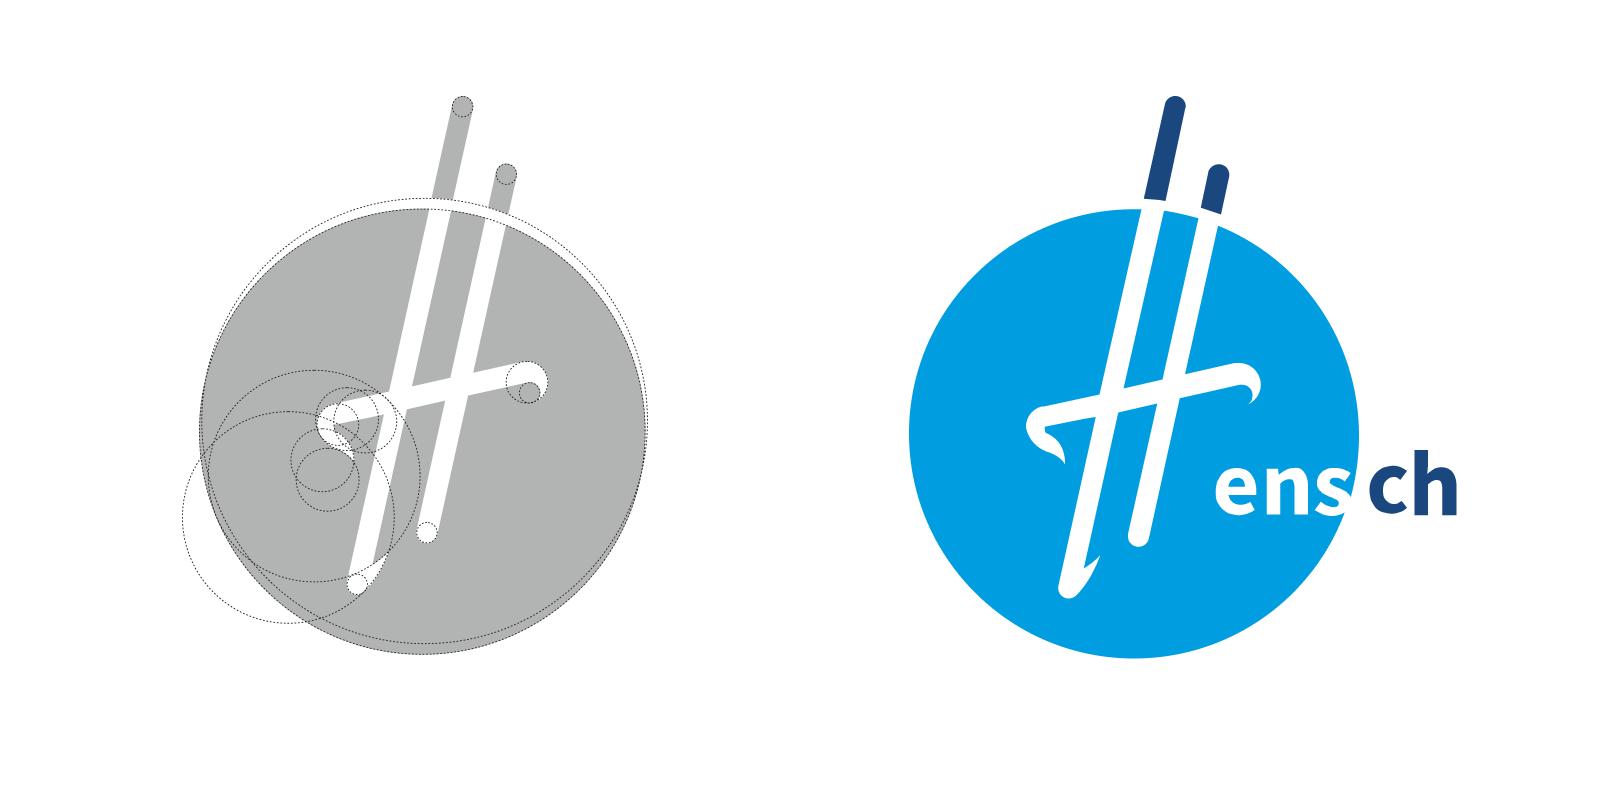 logo-8-jean-marc-hensch-1